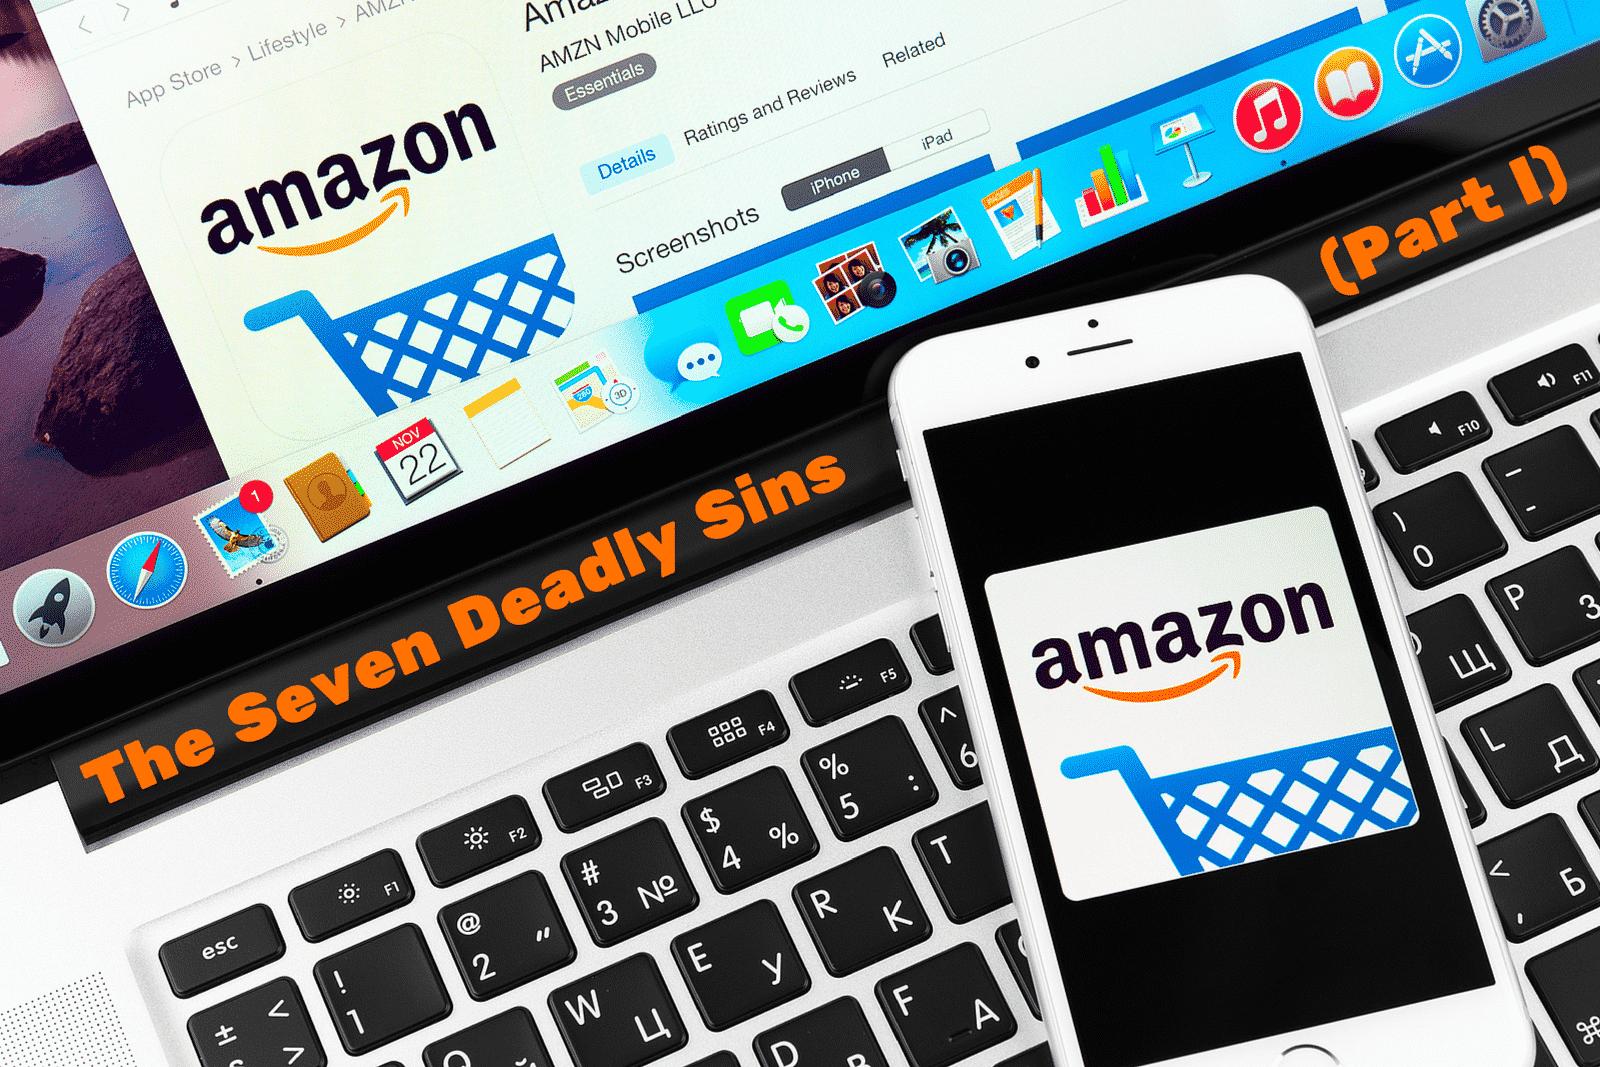 3 xu hướng E-Commerce giúp tăng doanh thu mà bạn không thể bỏ qua